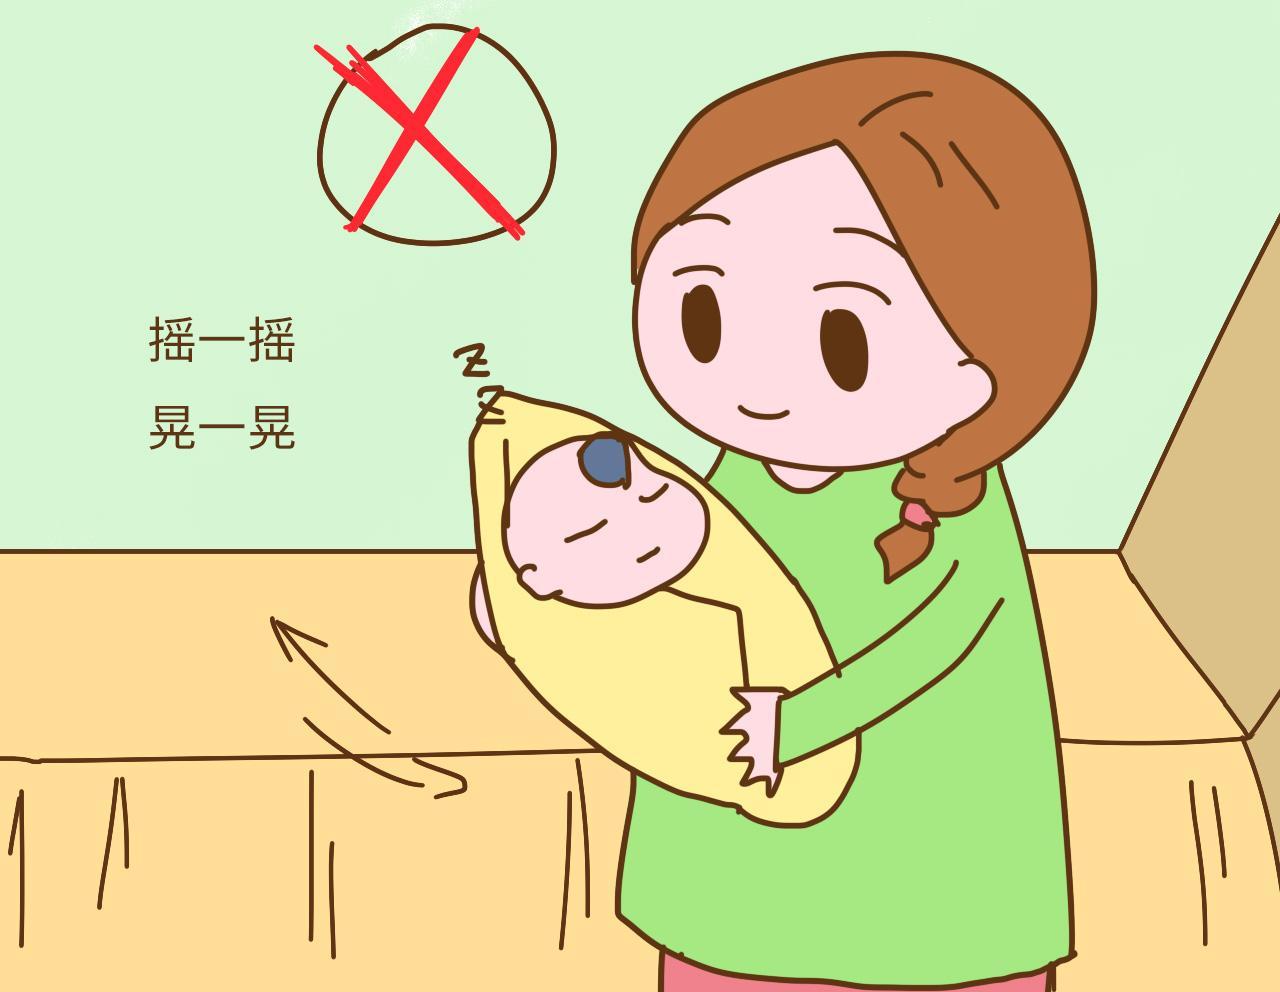 哄宝宝入睡时, 这4种方法不能用, 自己累得要命不说还坑娃